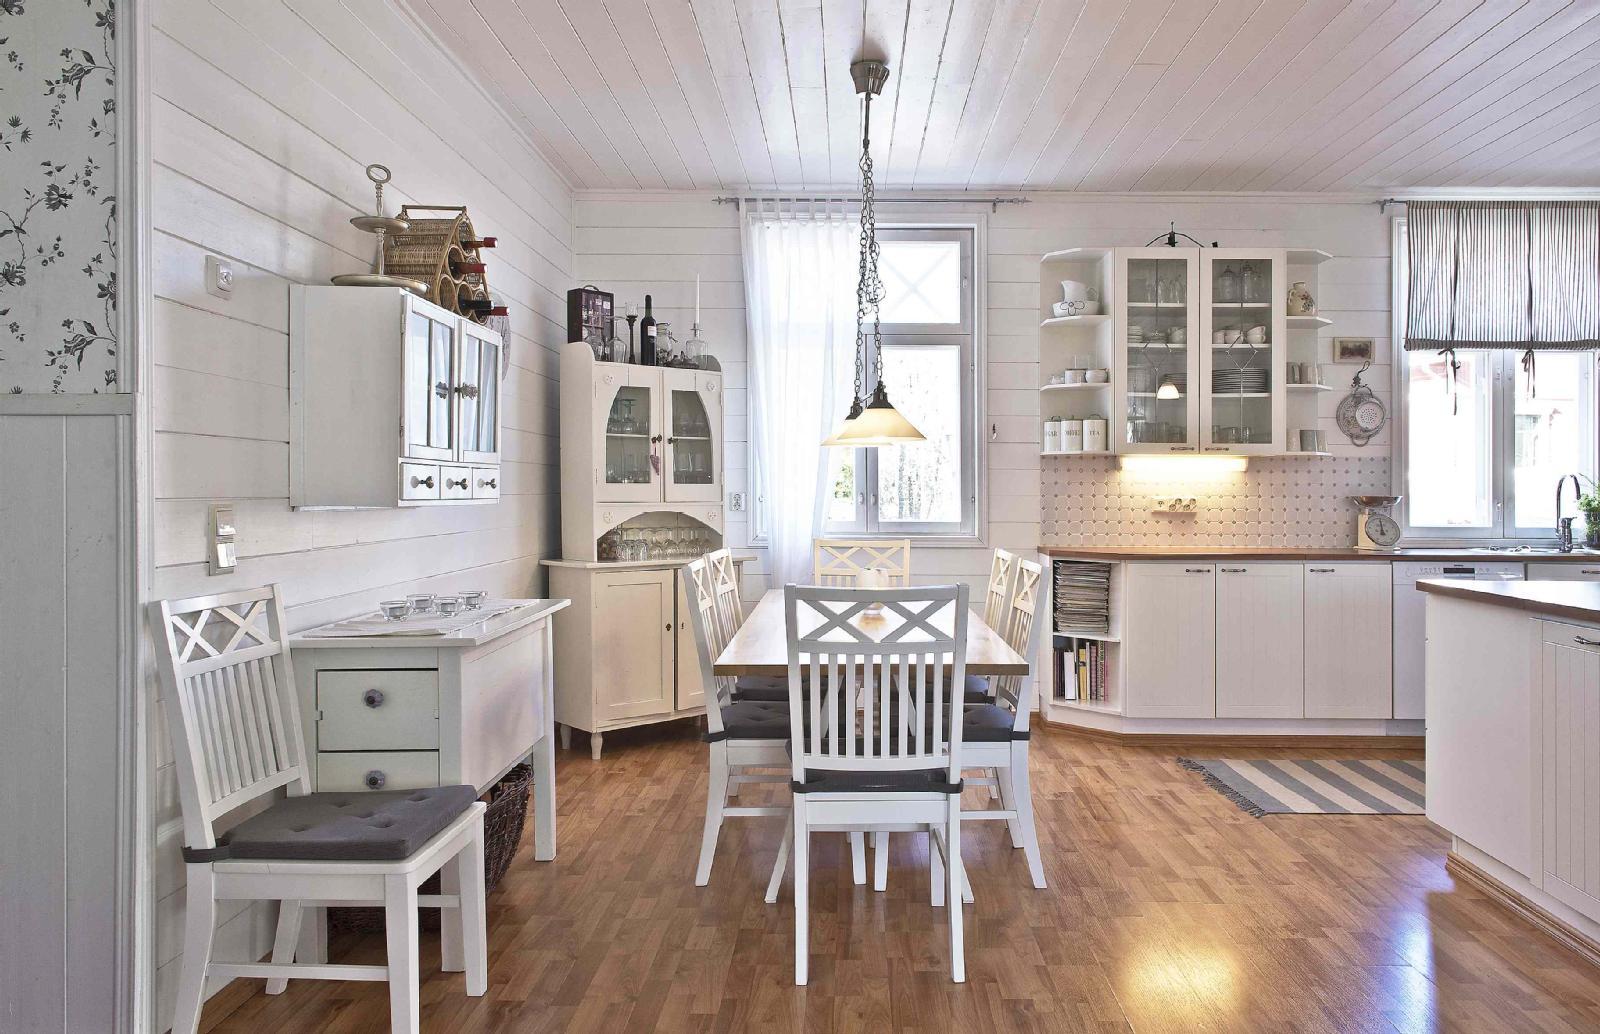 Viihtyisä maalaisromanttinen keittiö  Etuovi com Ideat & vinkit